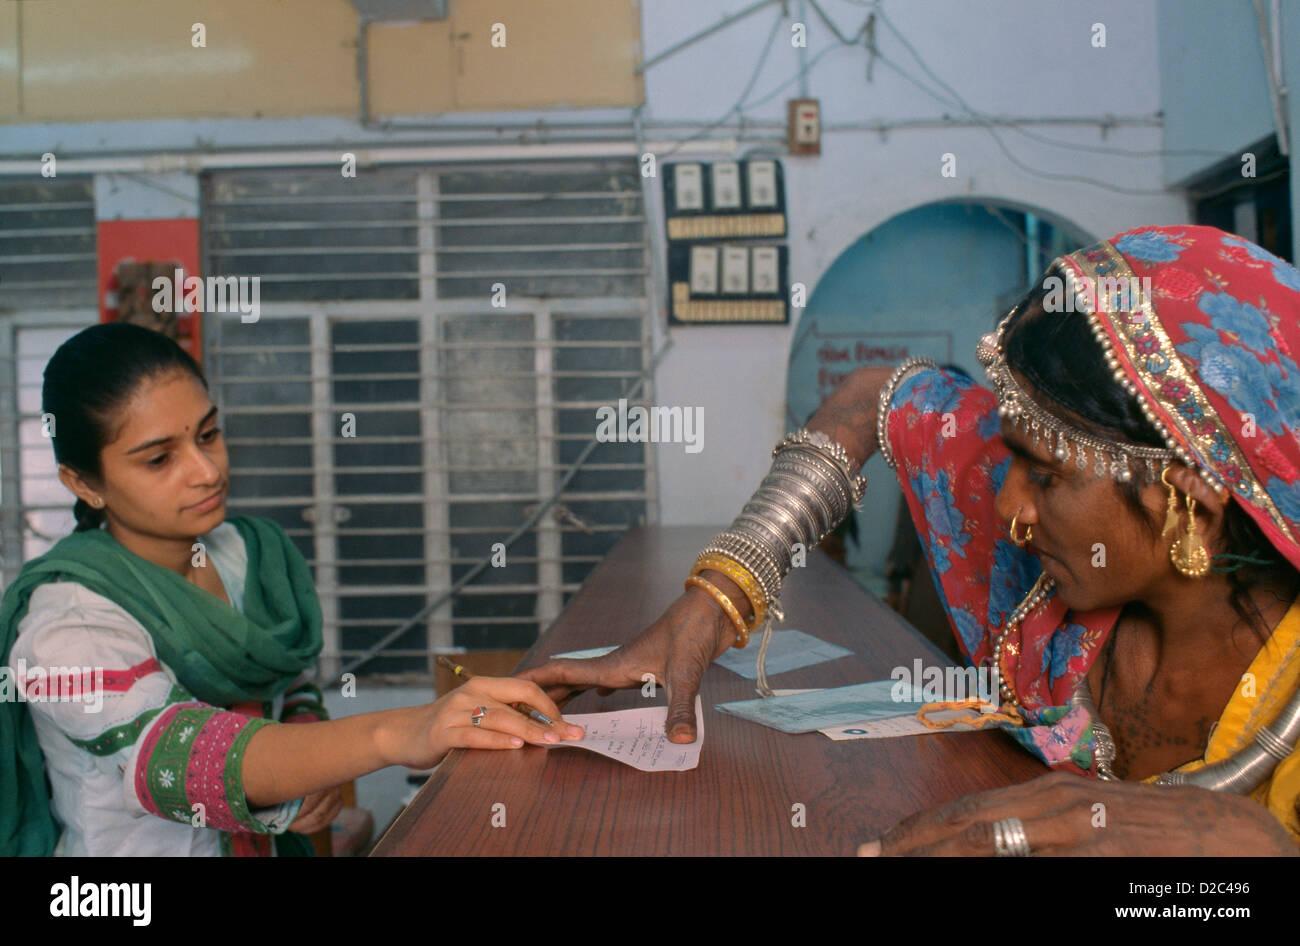 Femme rurale en mettant un pouce Impression dans une banque d'ouvrir son compte bancaire à la Banque mondiale, Photo Stock